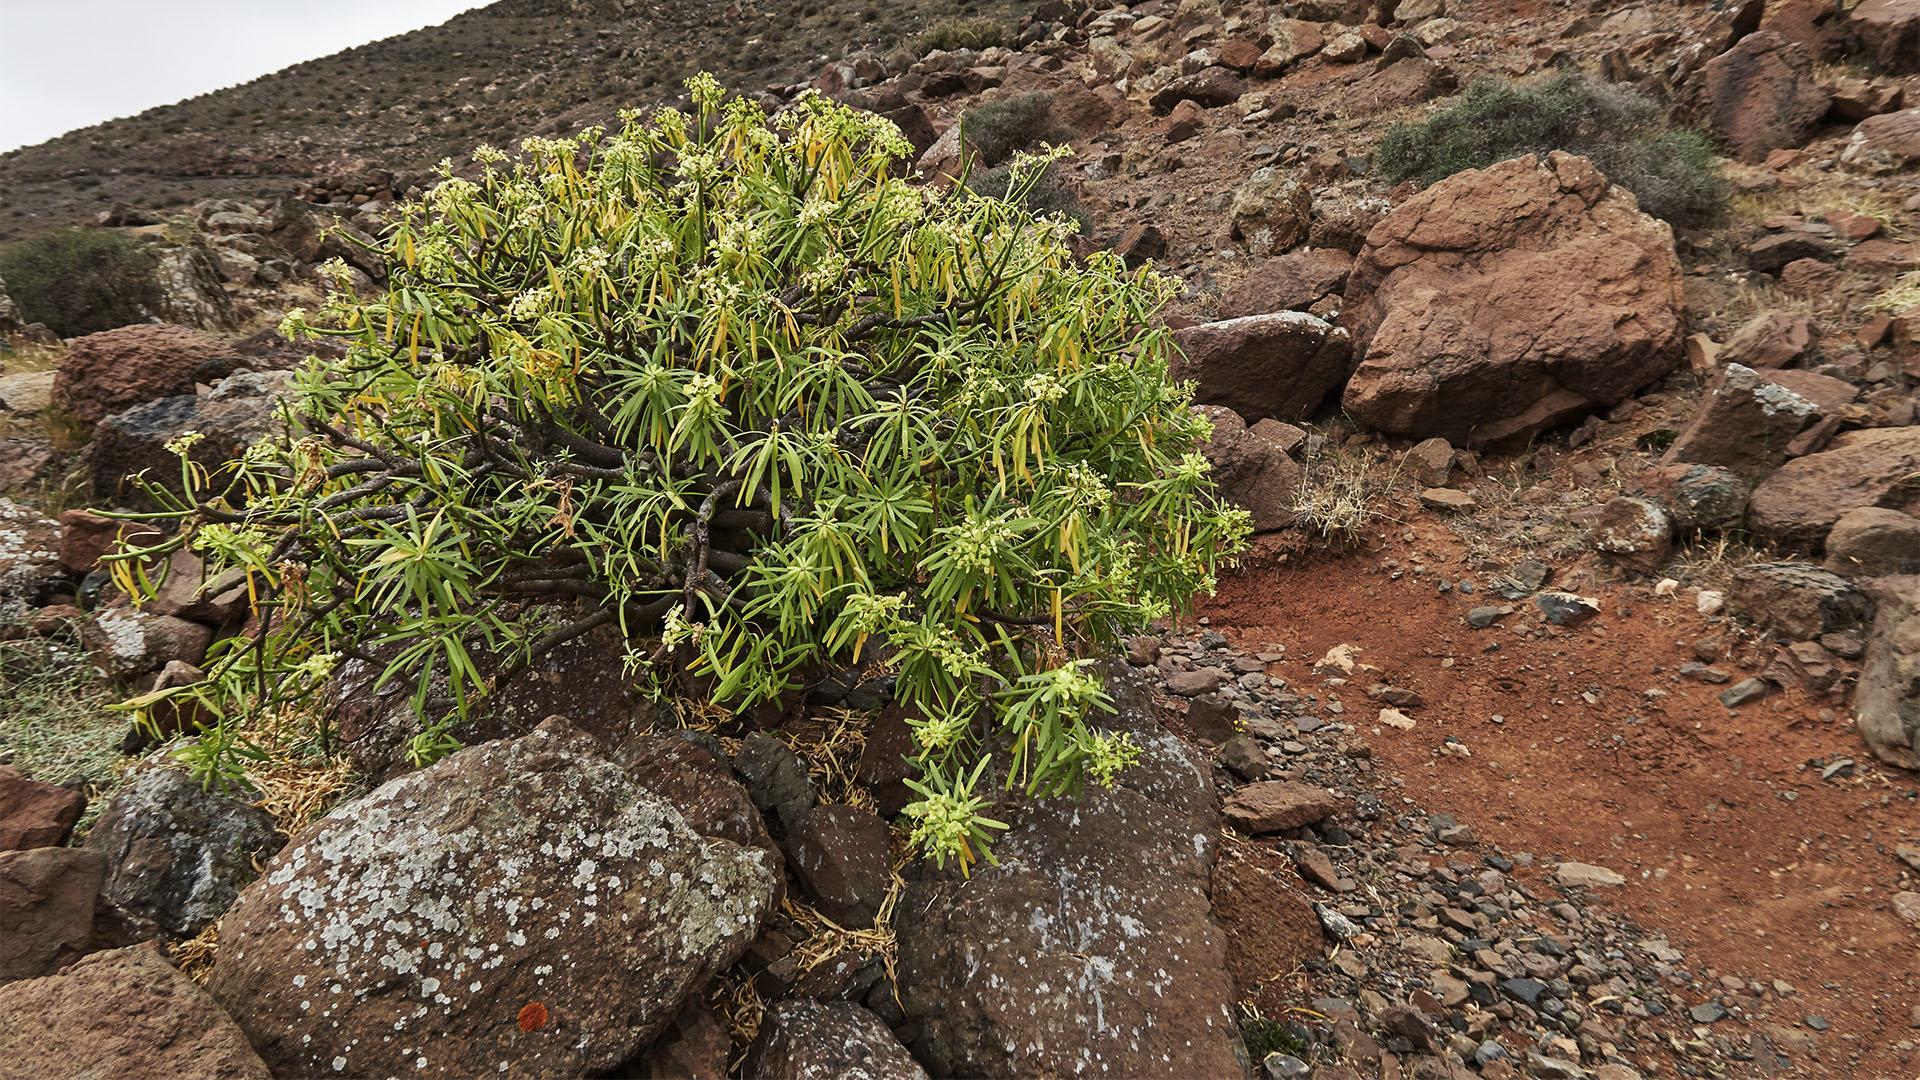 Die Balsam Wolfsmilch (Euphorbia balsamifera) wächst entlang des Wanderweges.